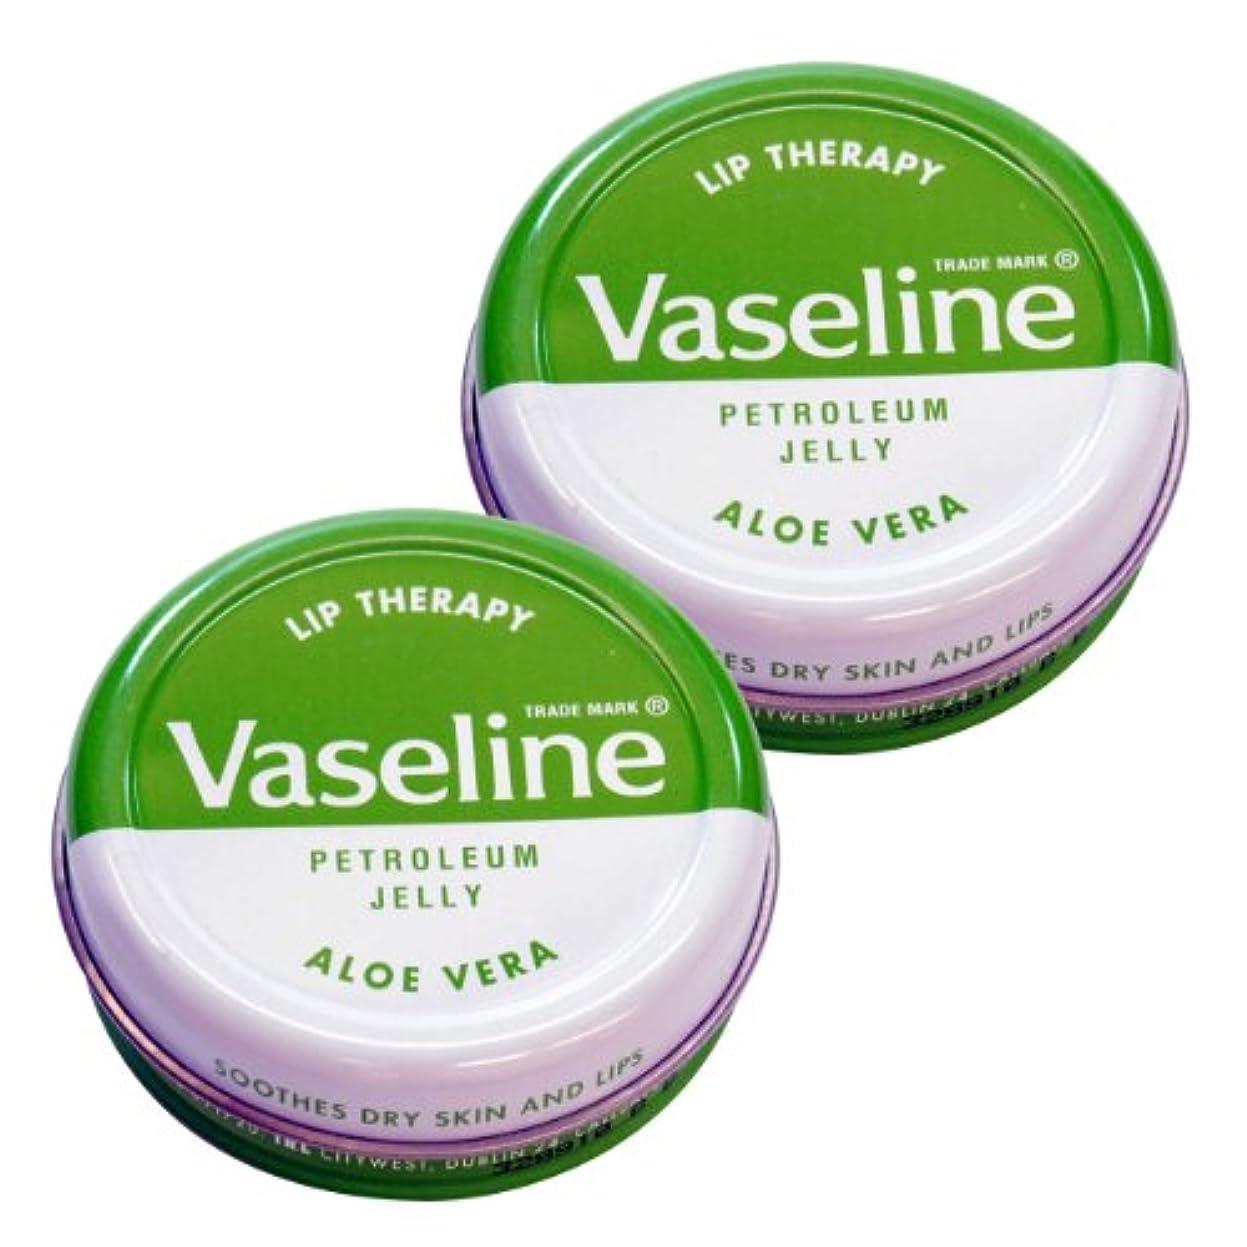 カジュアルポータル弱いVaseline Lip Therapy <ヴァセリン リップセラピー> 20g Aloe <アロエ> 2個セット 【並行輸入品】【海外直送品】